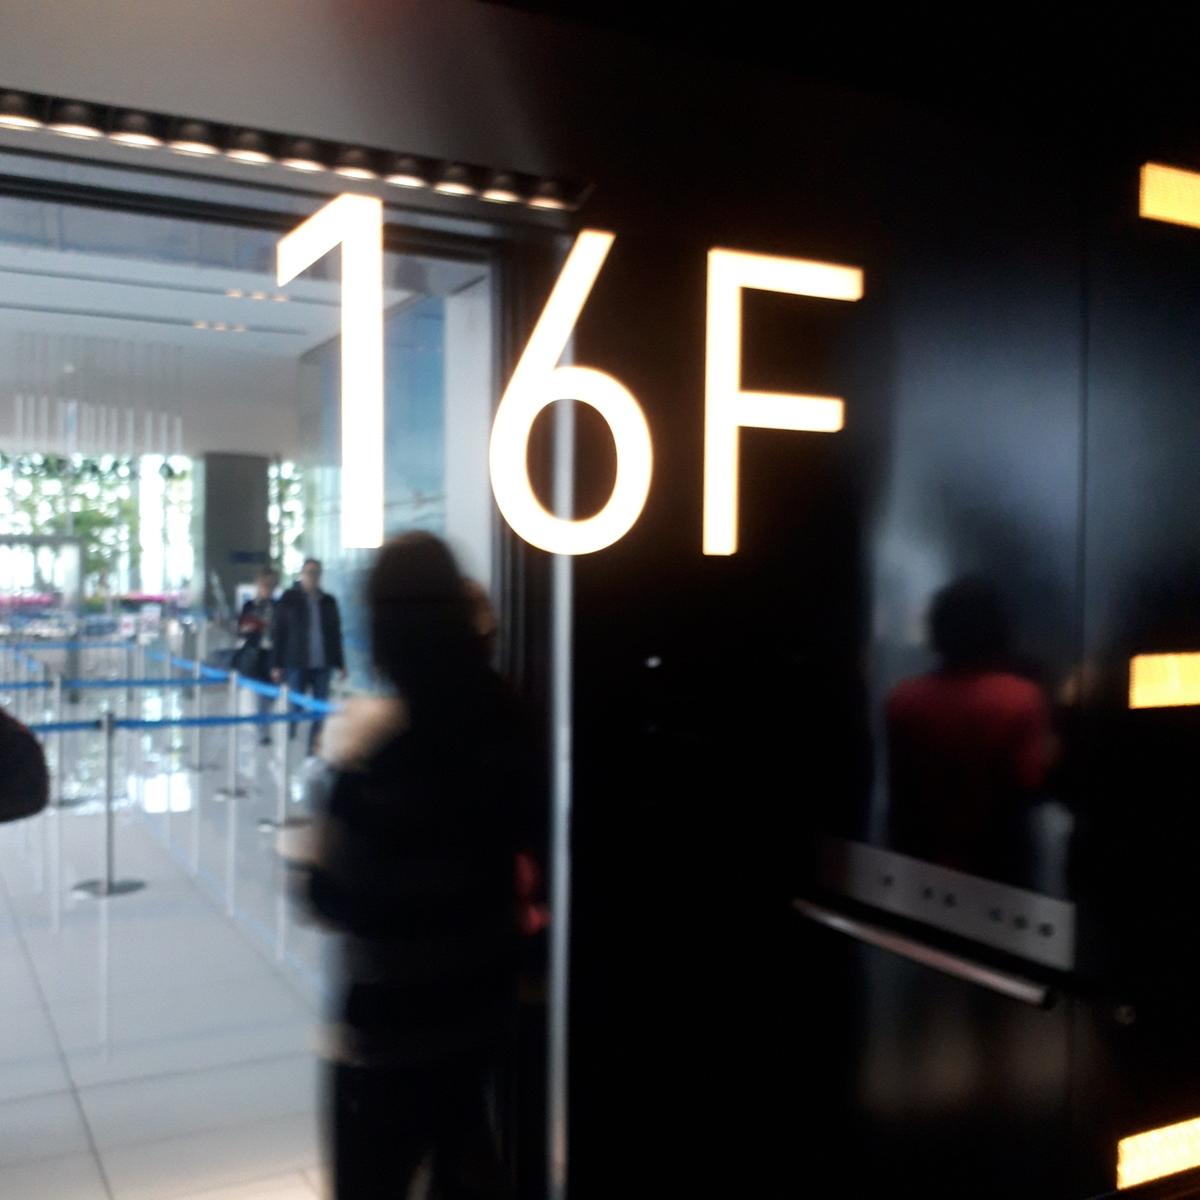 あべのハルカス展望台 エレベーター 16階